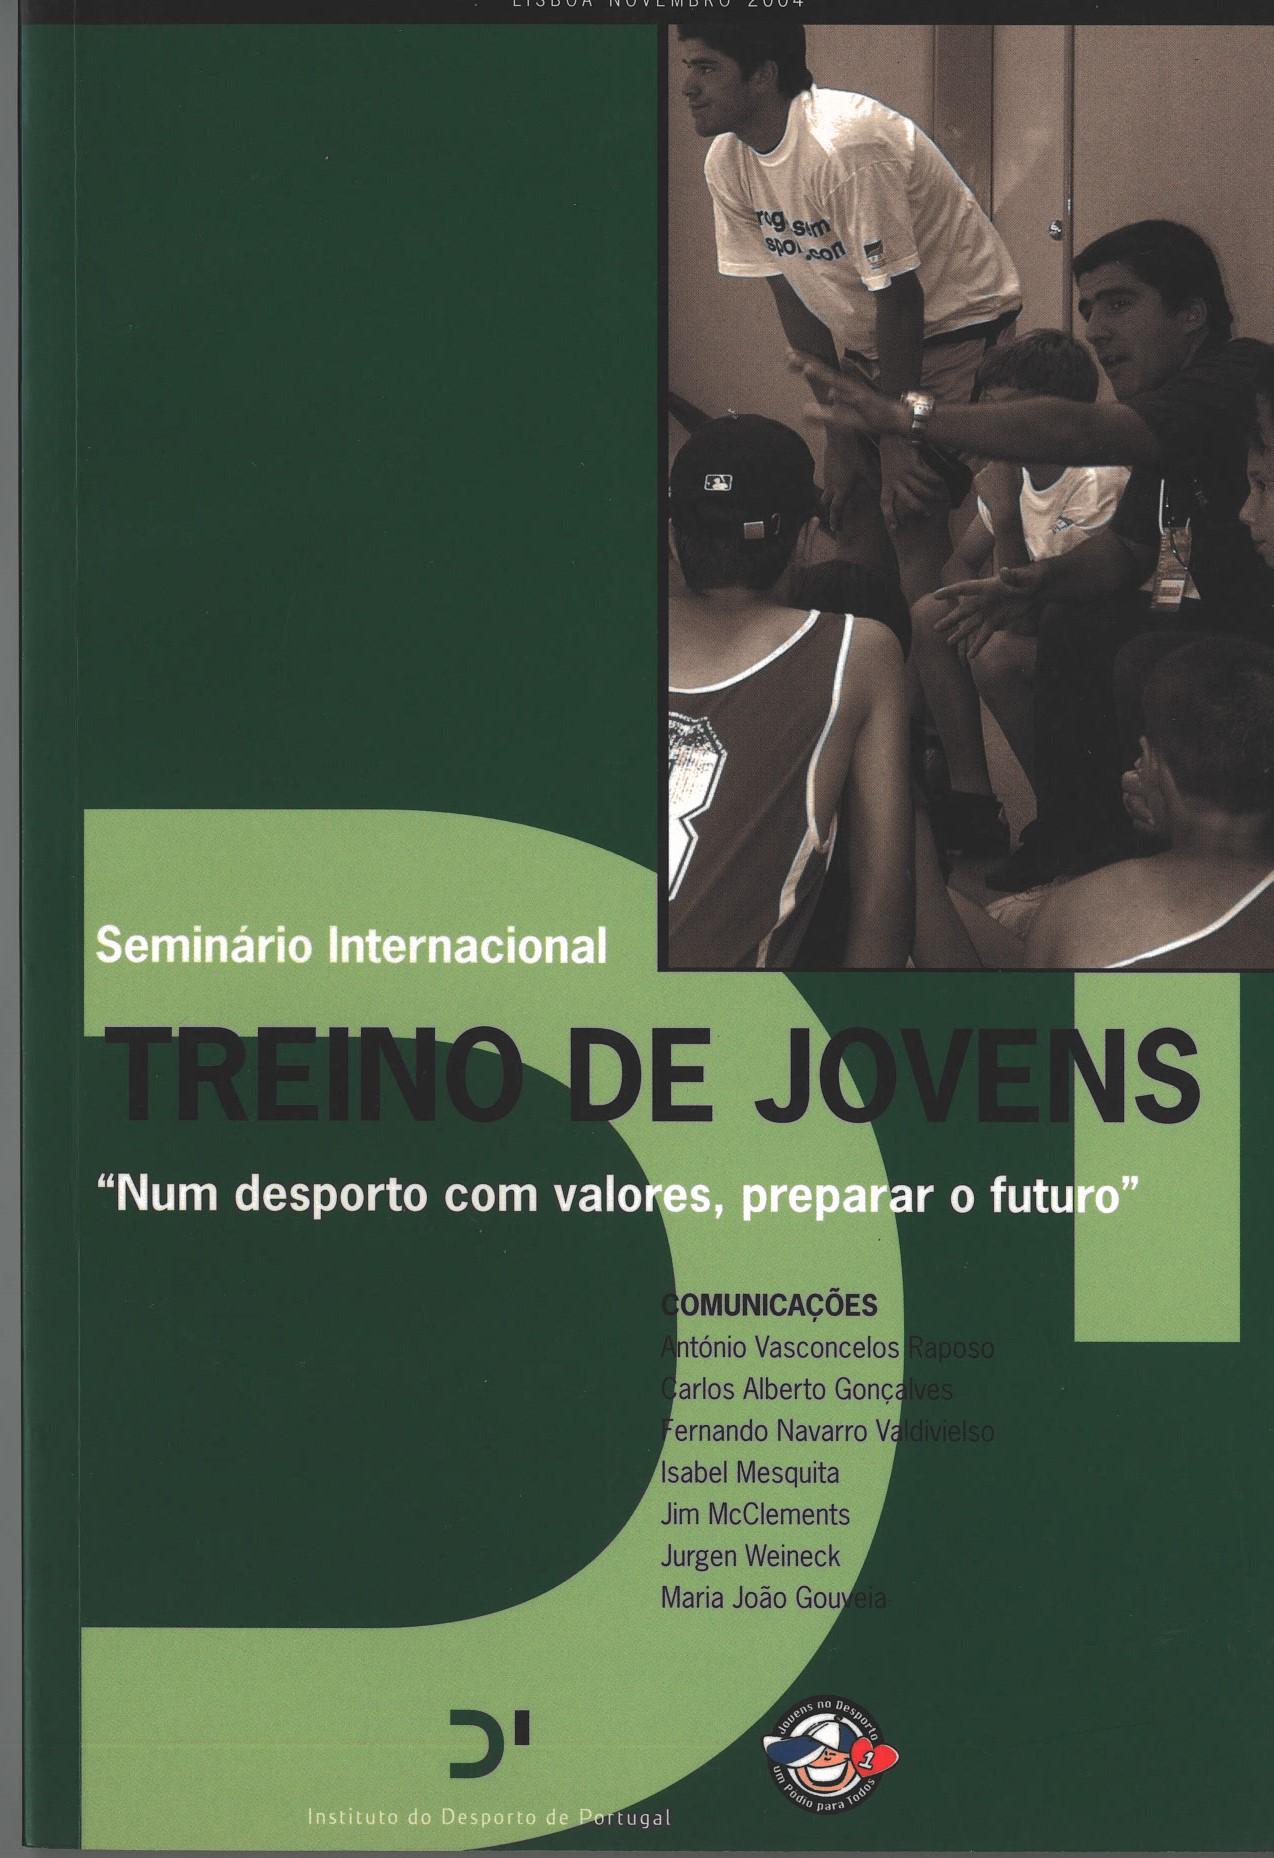 """Seminário Internacional - Treino de jovens """"Num desporto com valores, preparar o futuro"""" (Lisboa , Novembro, 2004)"""